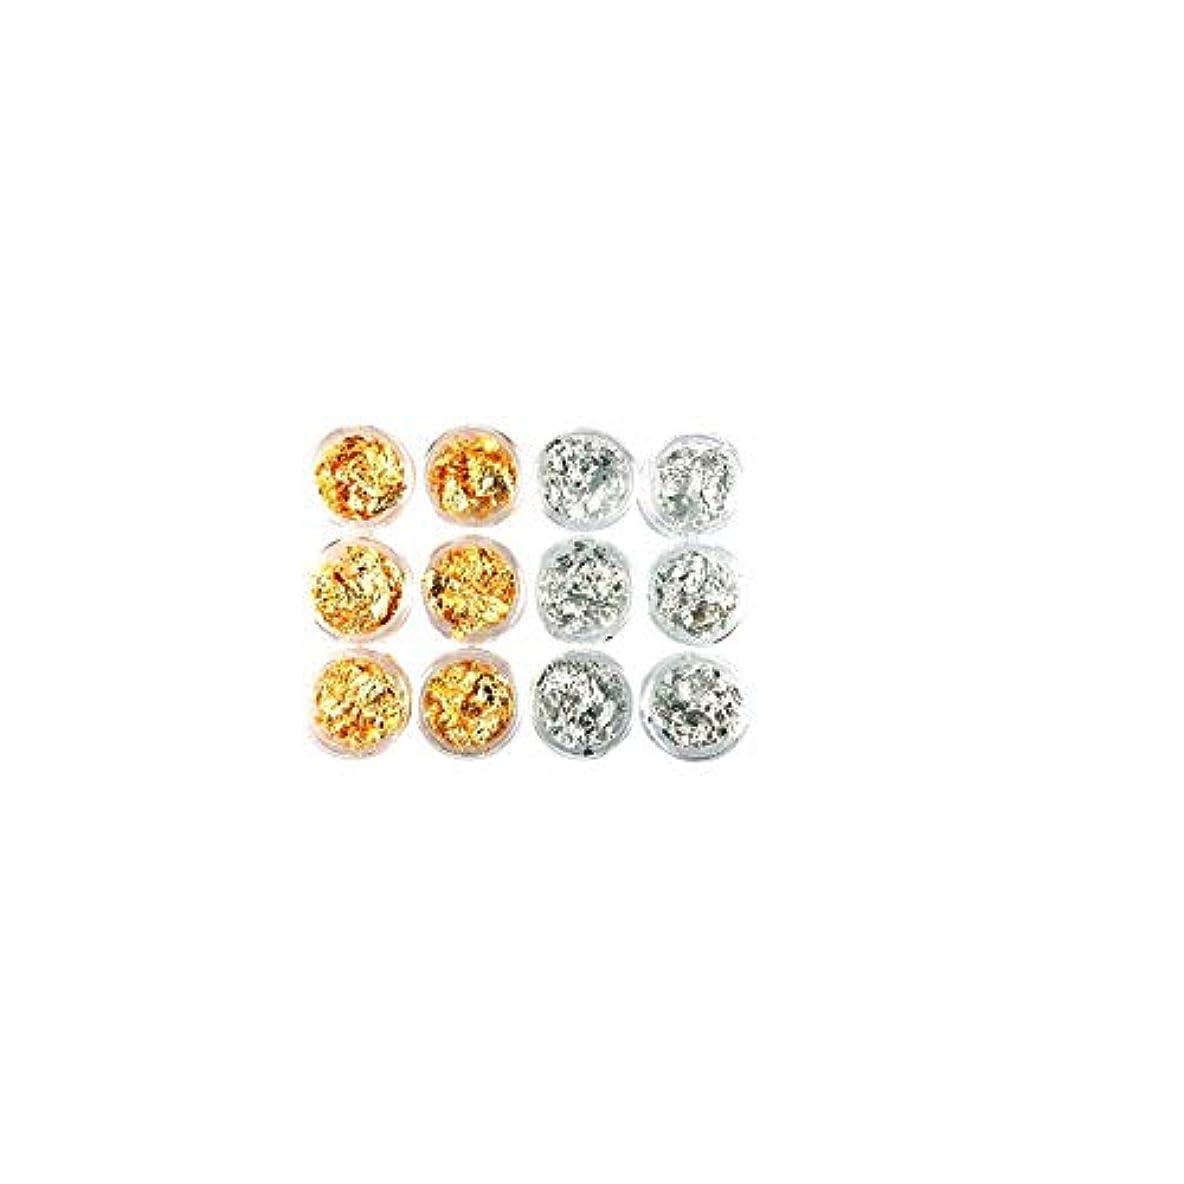 文献チャーミング供給Onior 12パックゴールドシルバーネイルシャイニングフォイルスパンコール超薄型ネイルグリッタースパンコールdiyネイルアートグリッター装飾用フェイスボディヘアナイ丈夫で実用的